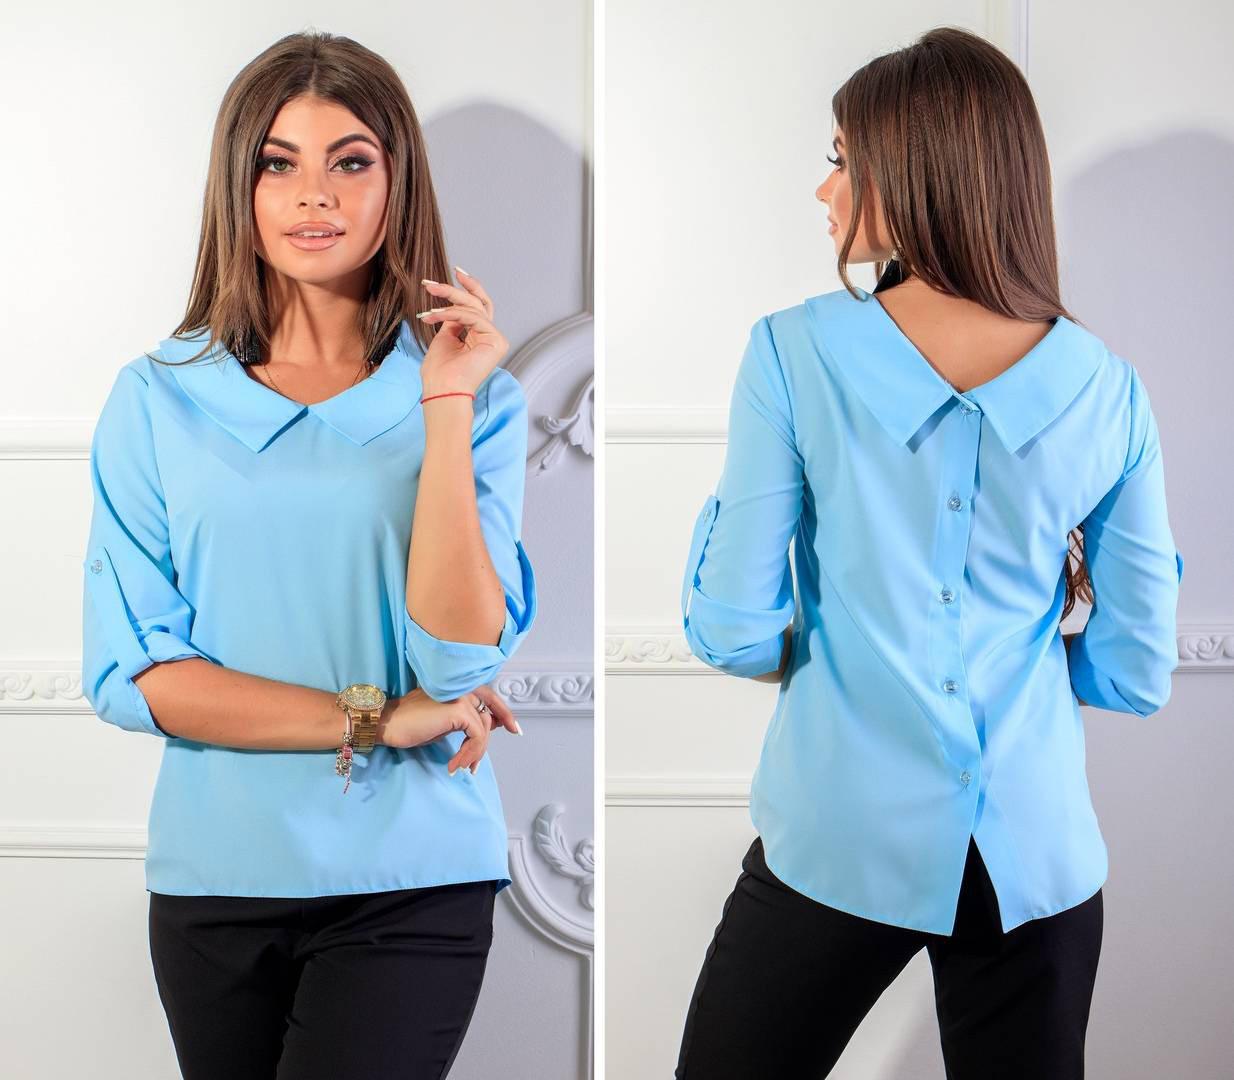 Блуза женская с пуговицами на спине, модель 116, цвет - голубой